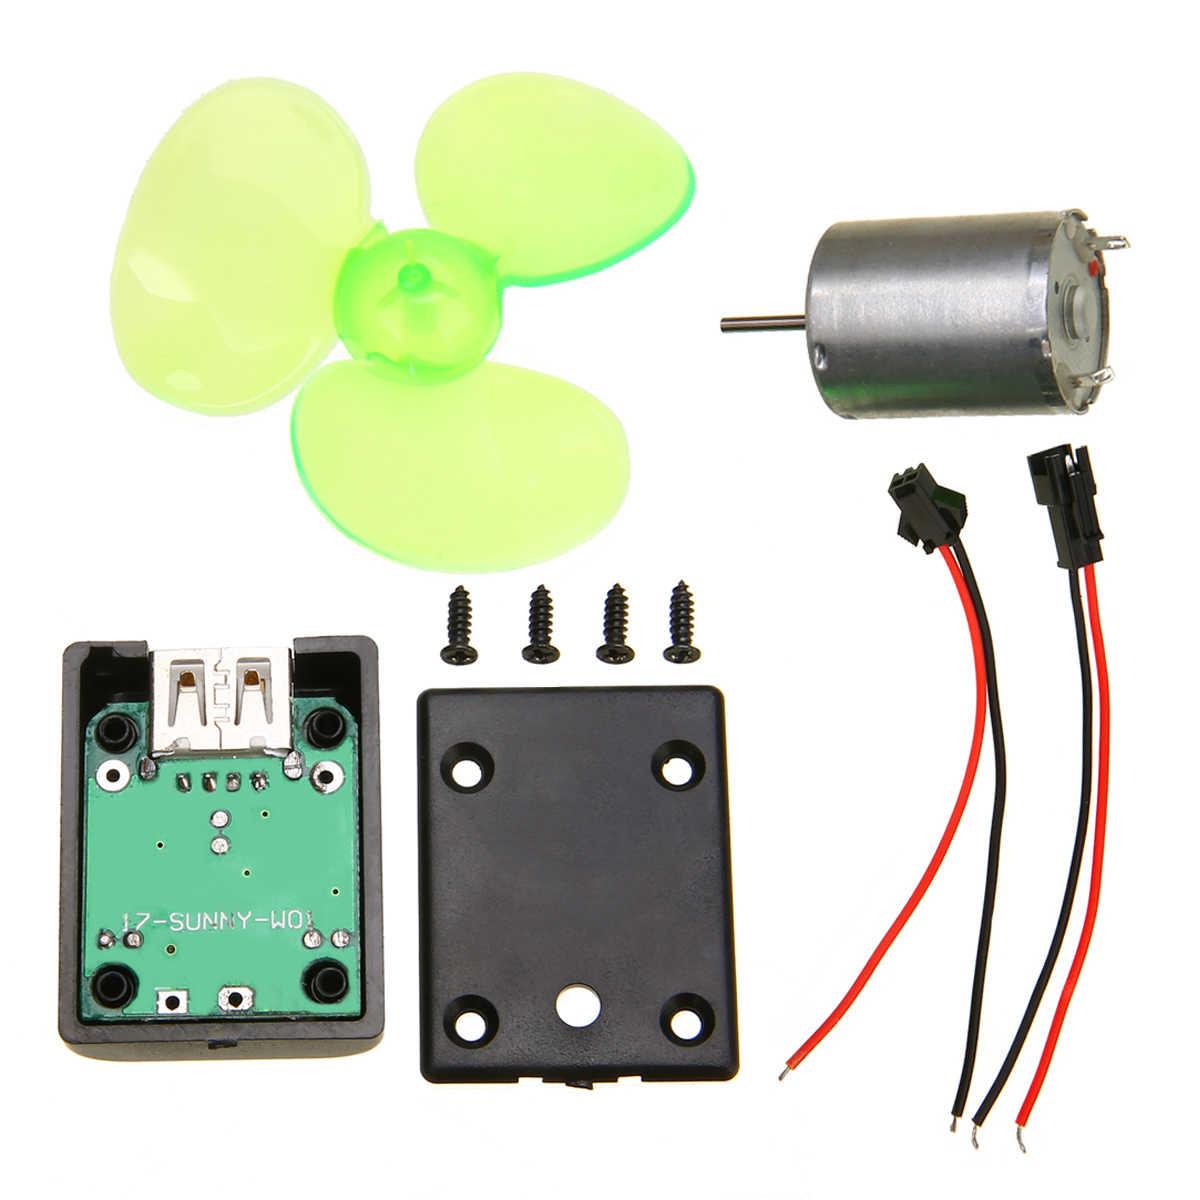 1 เซ็ตไฟฟ้า Mini ลมเครื่องกำเนิดไฟฟ้าเครื่องกำเนิดไฟฟ้ากระแสสลับ DIY แบบพกพาฉุกเฉินชาร์จโทรศัพท์มือถือ Micro Wind Turbine Motor